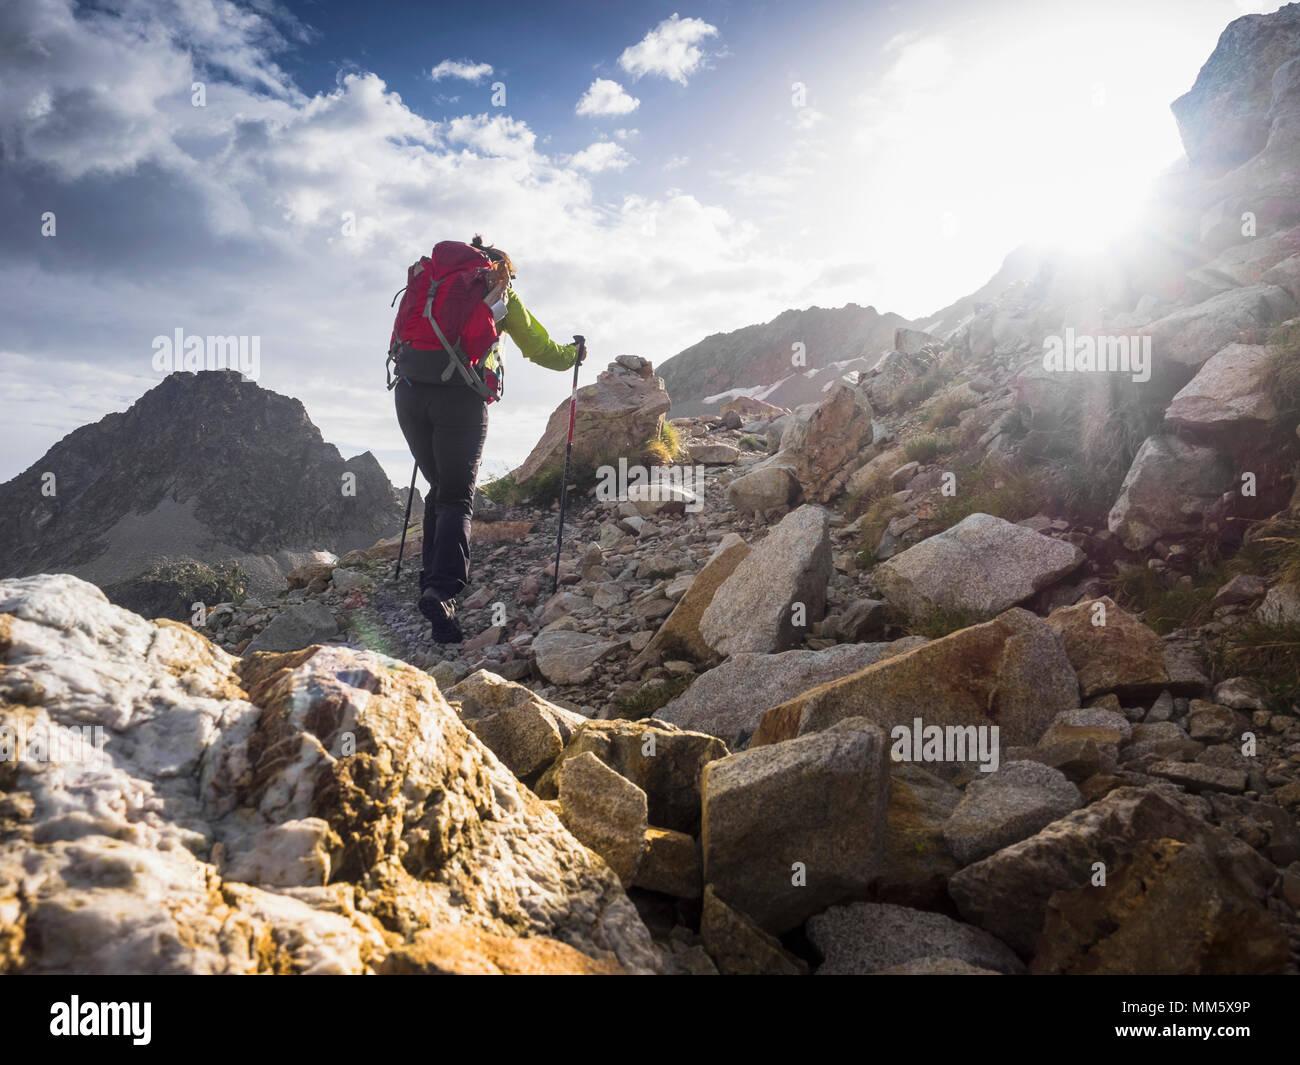 Frau Wandern in den Pyrenäen aufsteigend Vignemale, Cauterets, Frankreich Stockbild